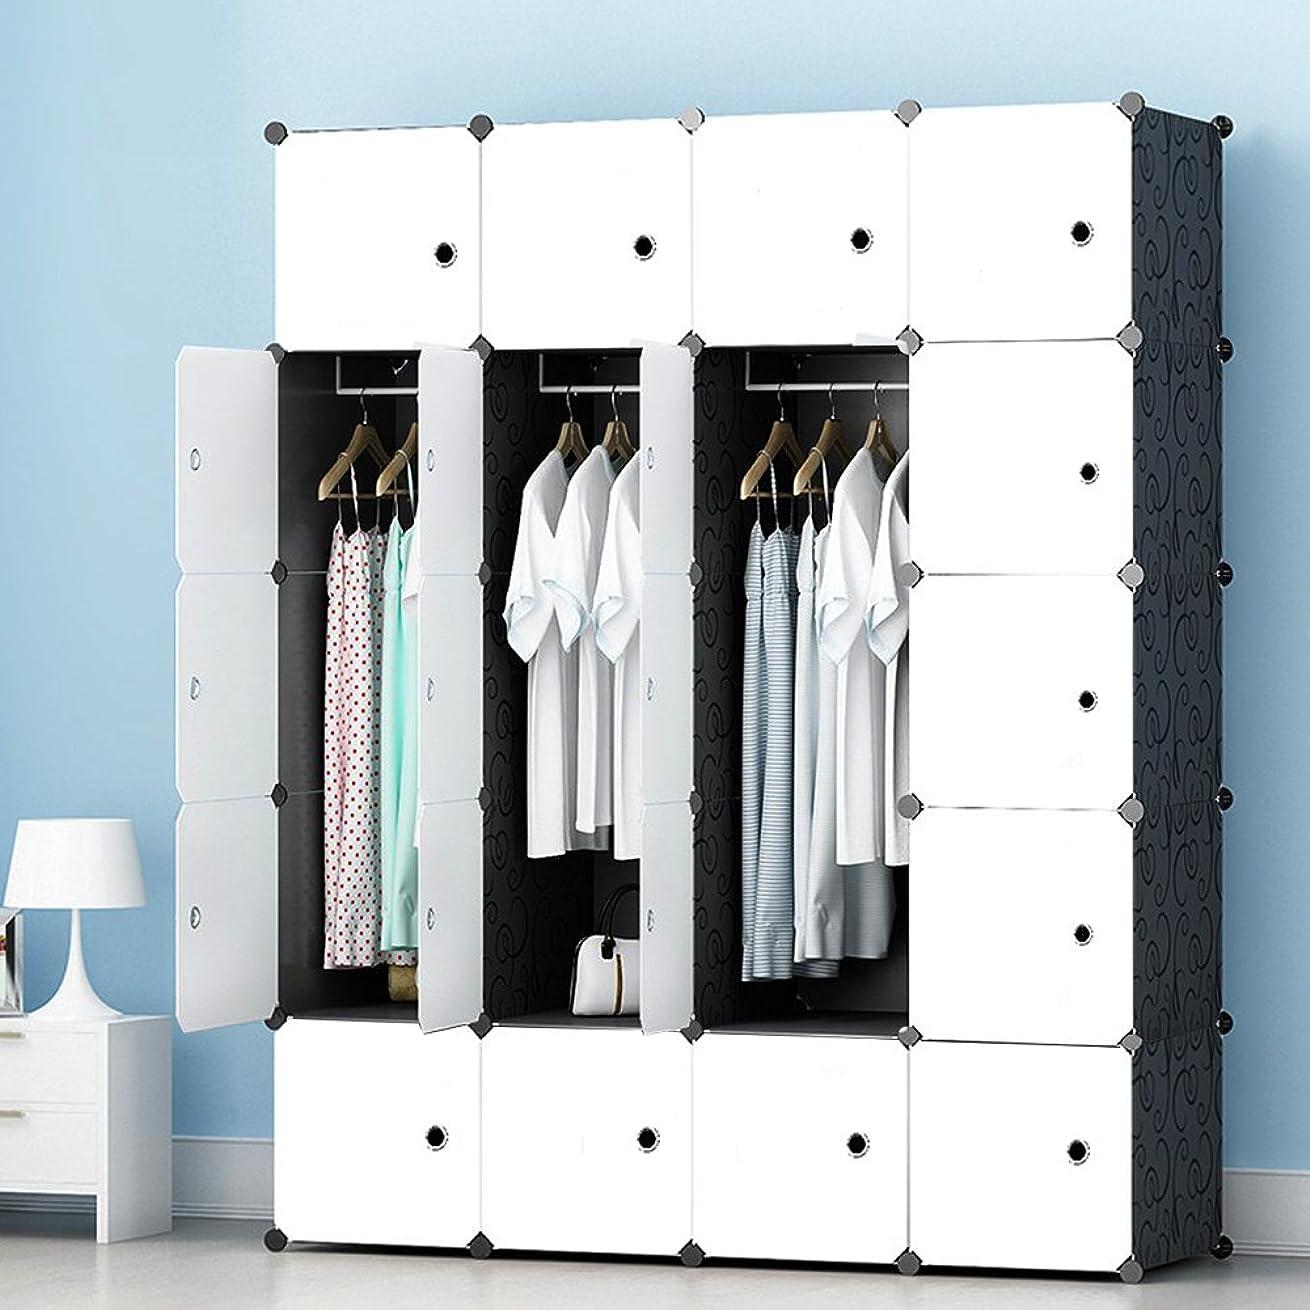 金銭的なきょうだいぺディカブLifeDIY 収納ボックス 扉付き 収納棚 衣類収納ラック 組み立て式 ダンス おしゃれ 145x181x45cm 大容量 黒白 20